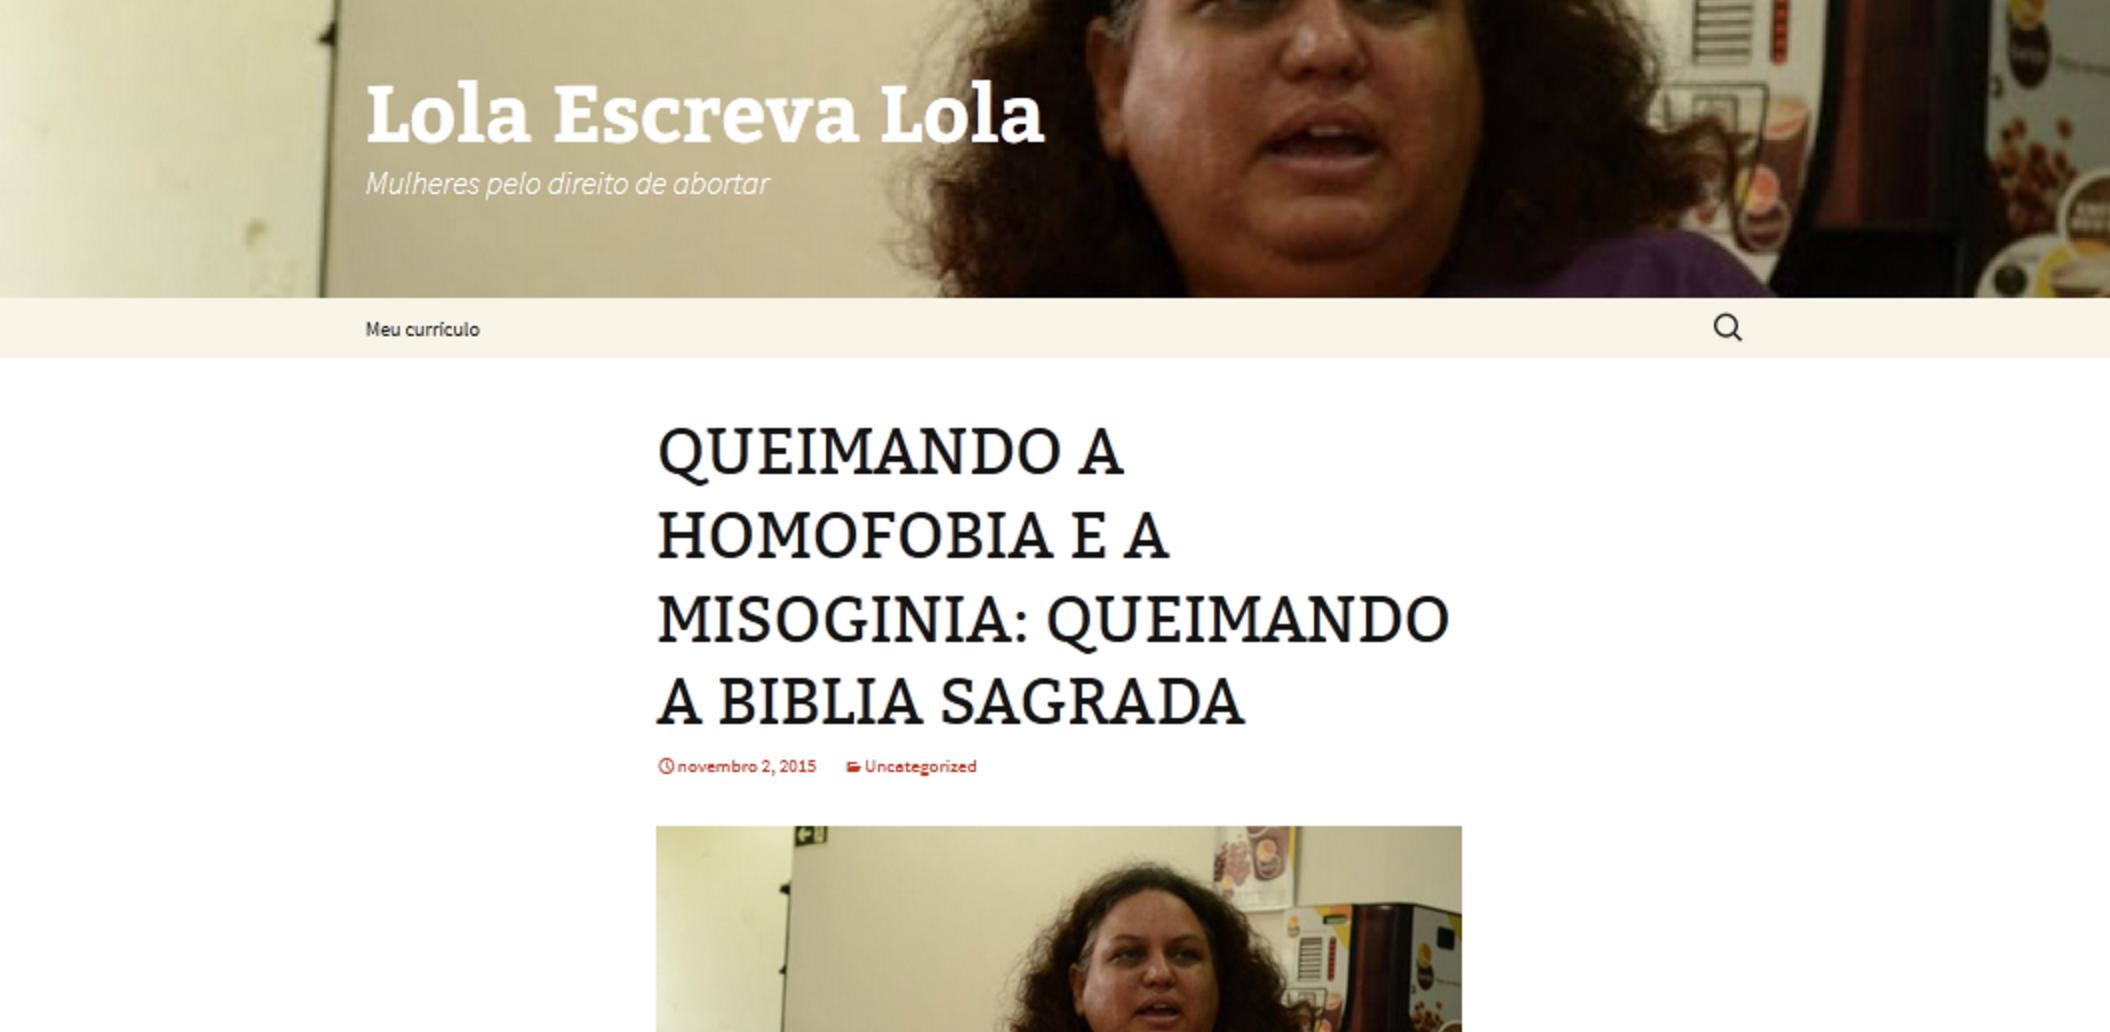 Site falso criado para atingir a ativista Lola Aronovich (Reprodução/Facebook)